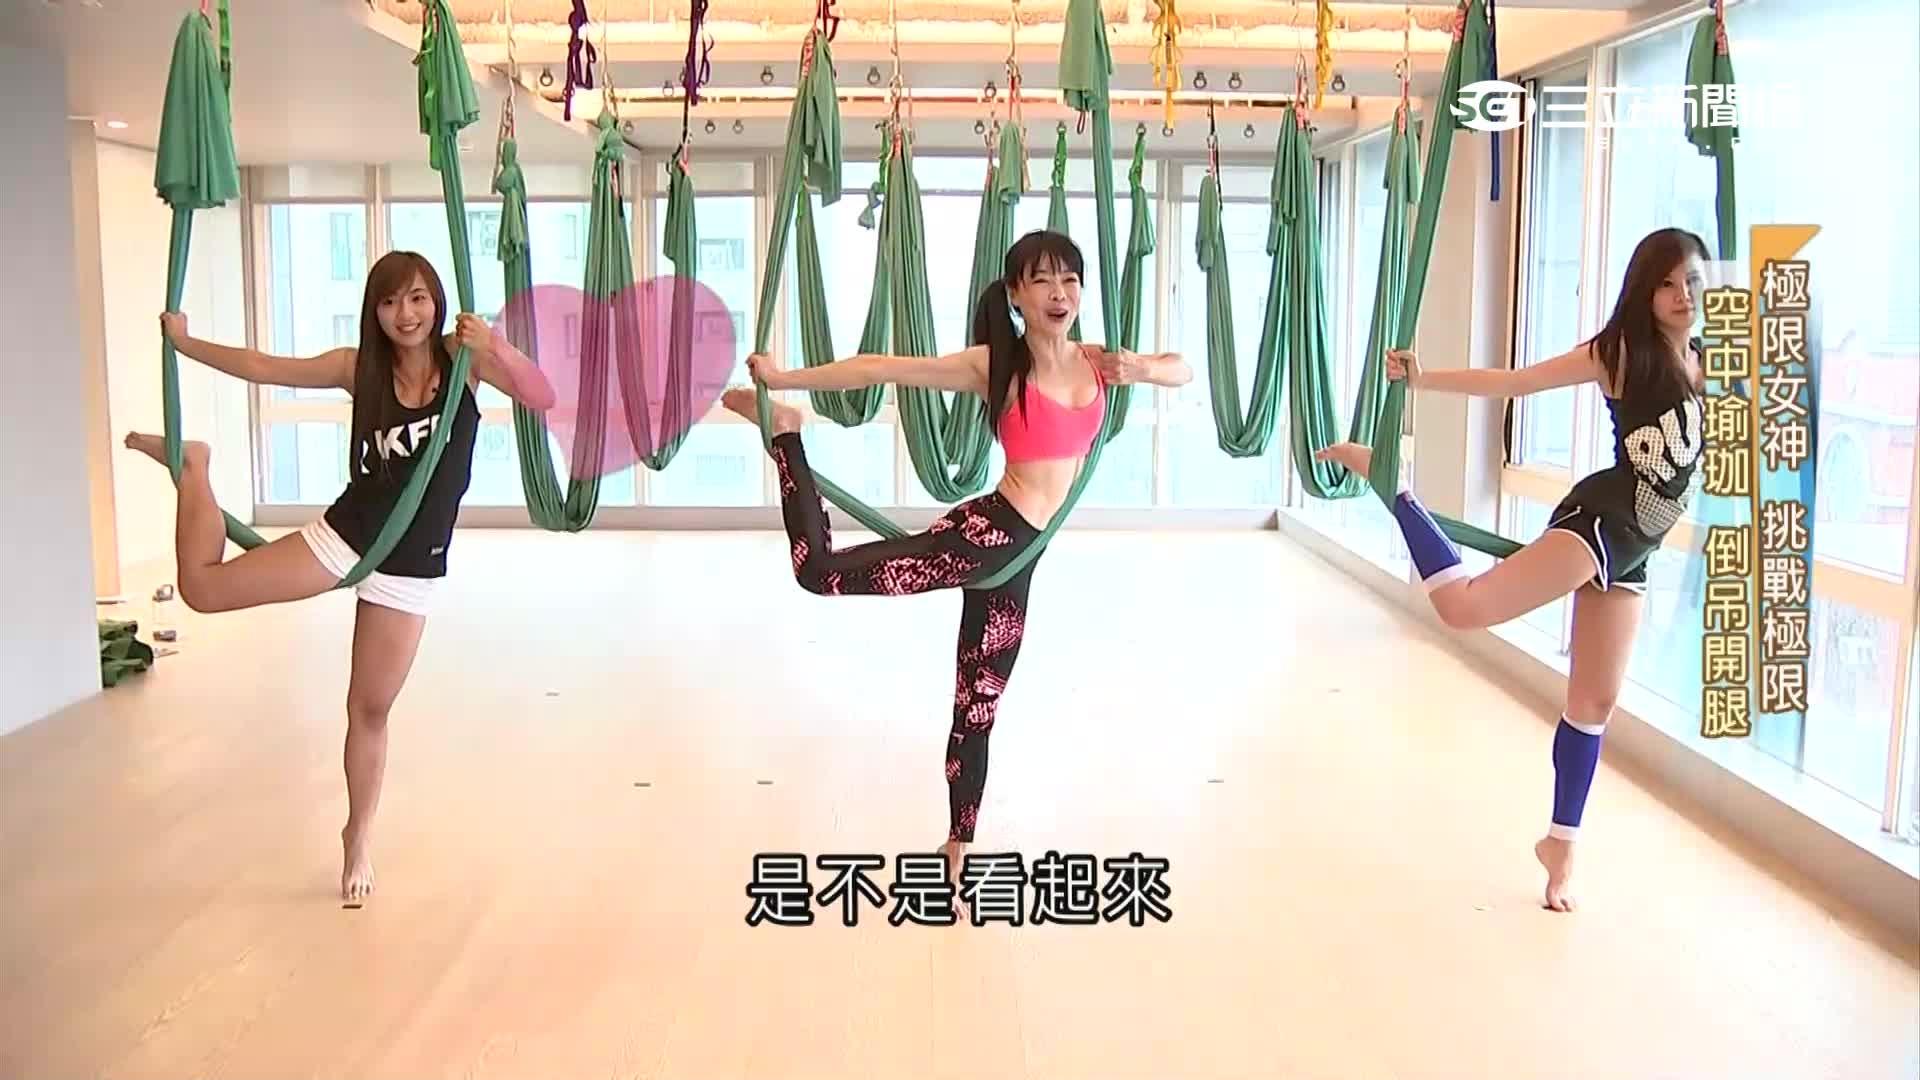 瘦身極限!甜心Ivy挑戰空中瑜珈